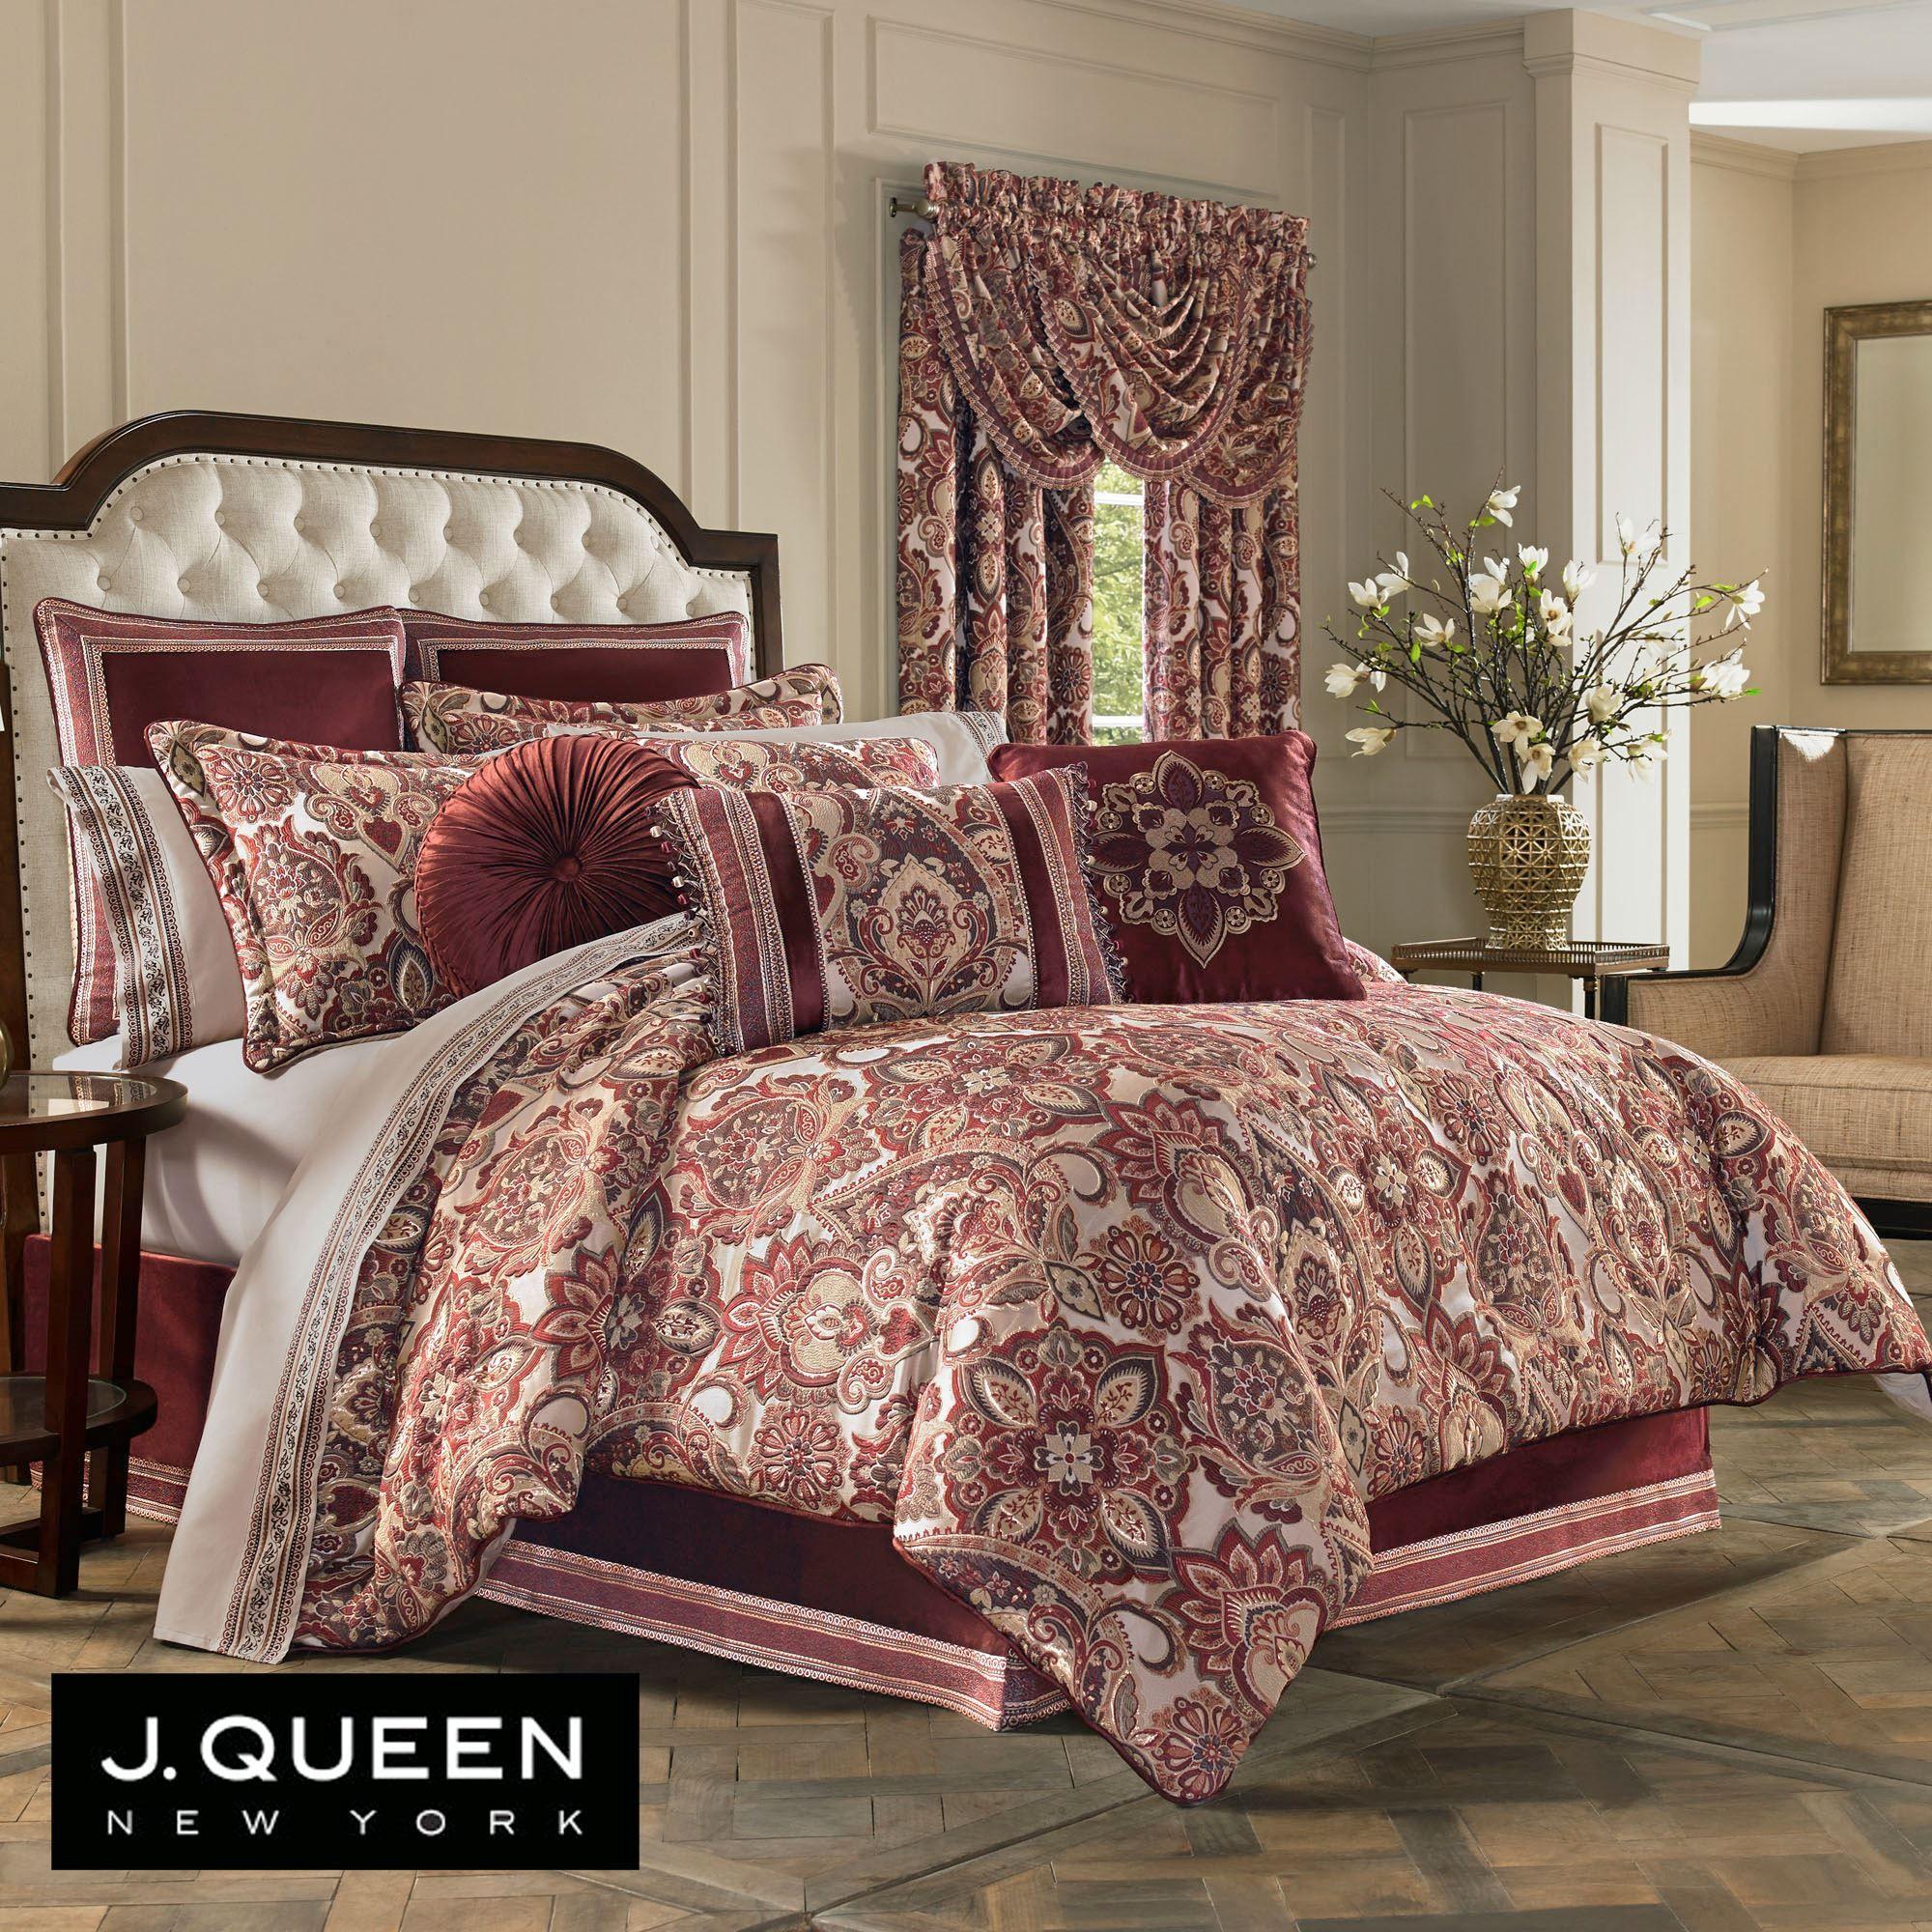 Rosewood Damask Medallion Burgundy Comforter Bedding By J